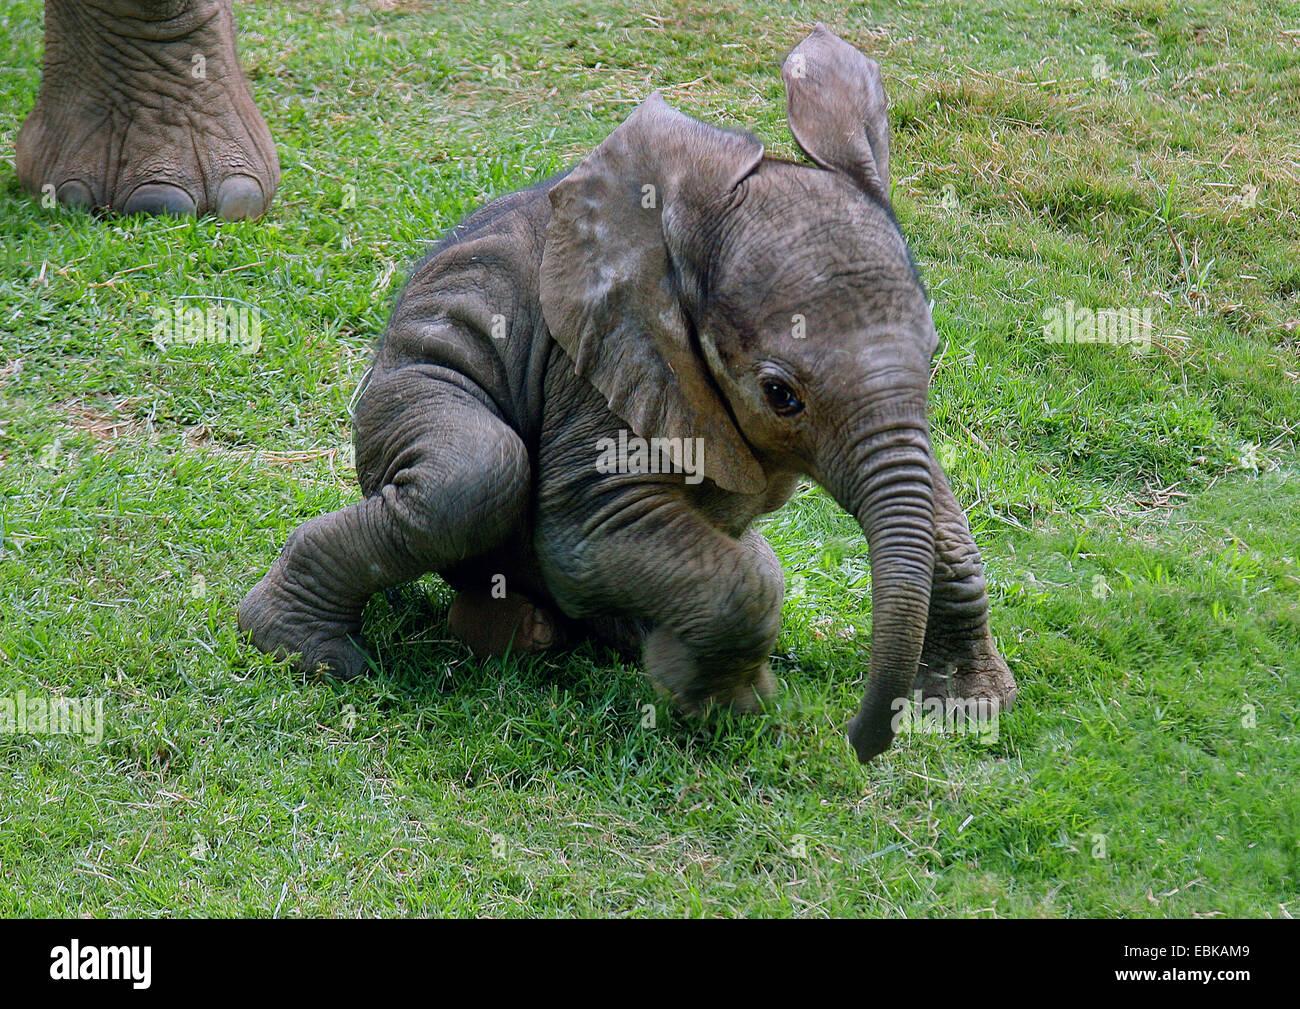 L'éléphant africain (Loxodonta africana), bébé éléphant dans un pré, Parc Photo Stock